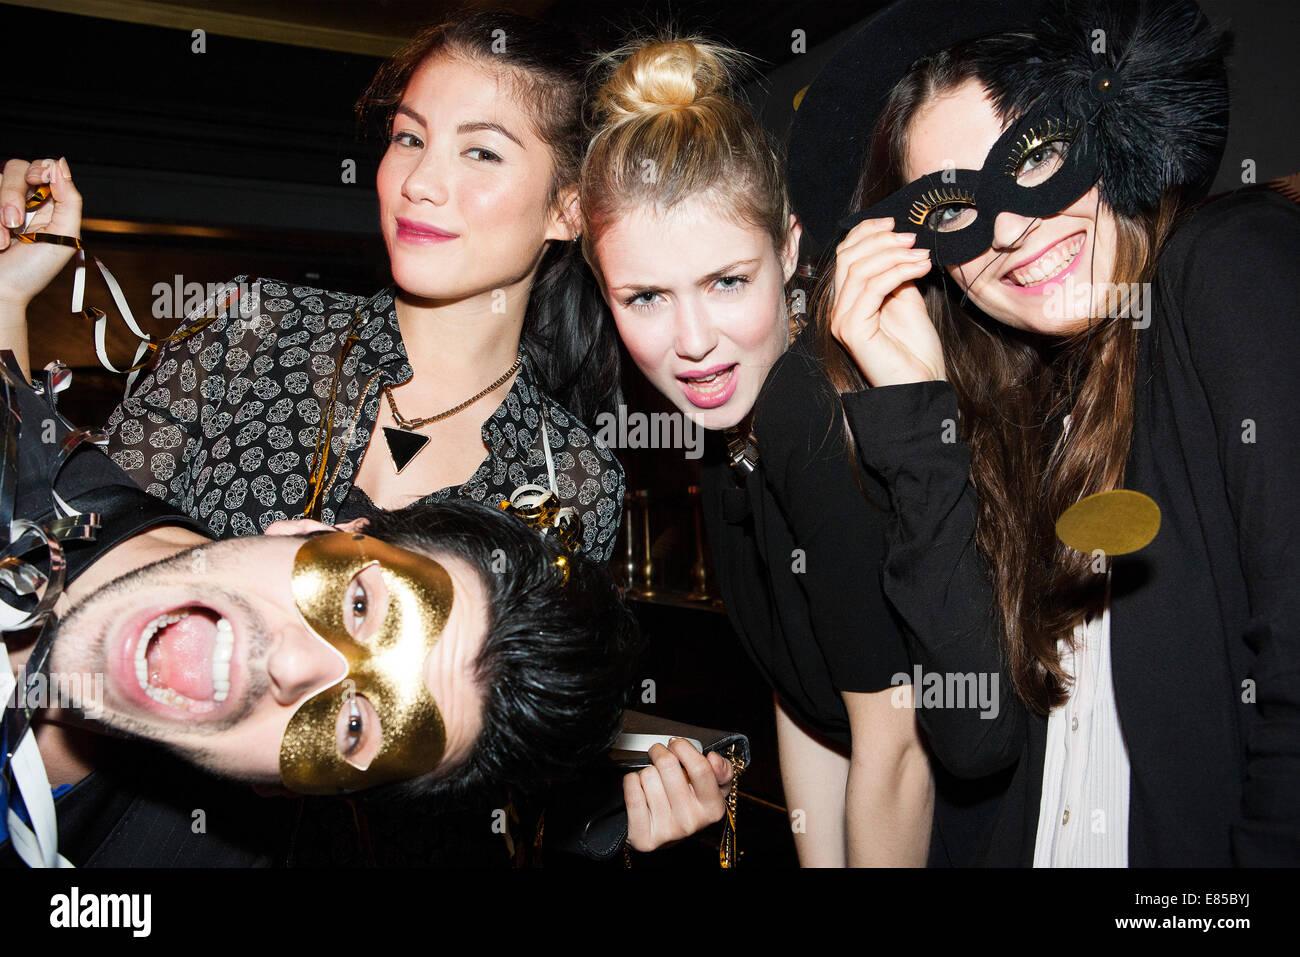 Amigos divirtiéndose celebrando en parte Imagen De Stock